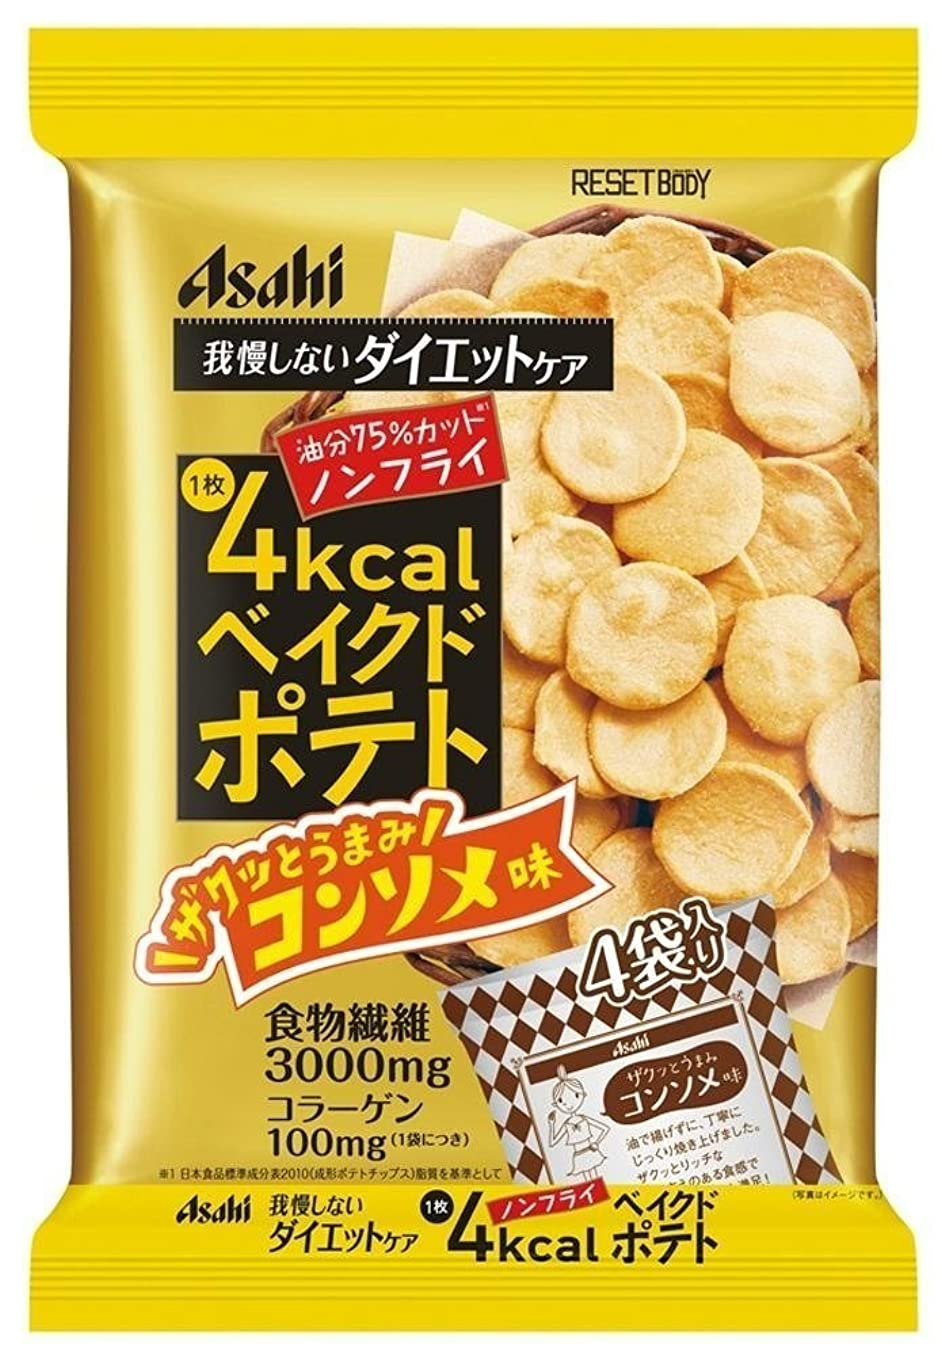 偽装する染色稚魚アサヒグループ食品 リセットボディ ベイクドポテトコンソメ味 66g